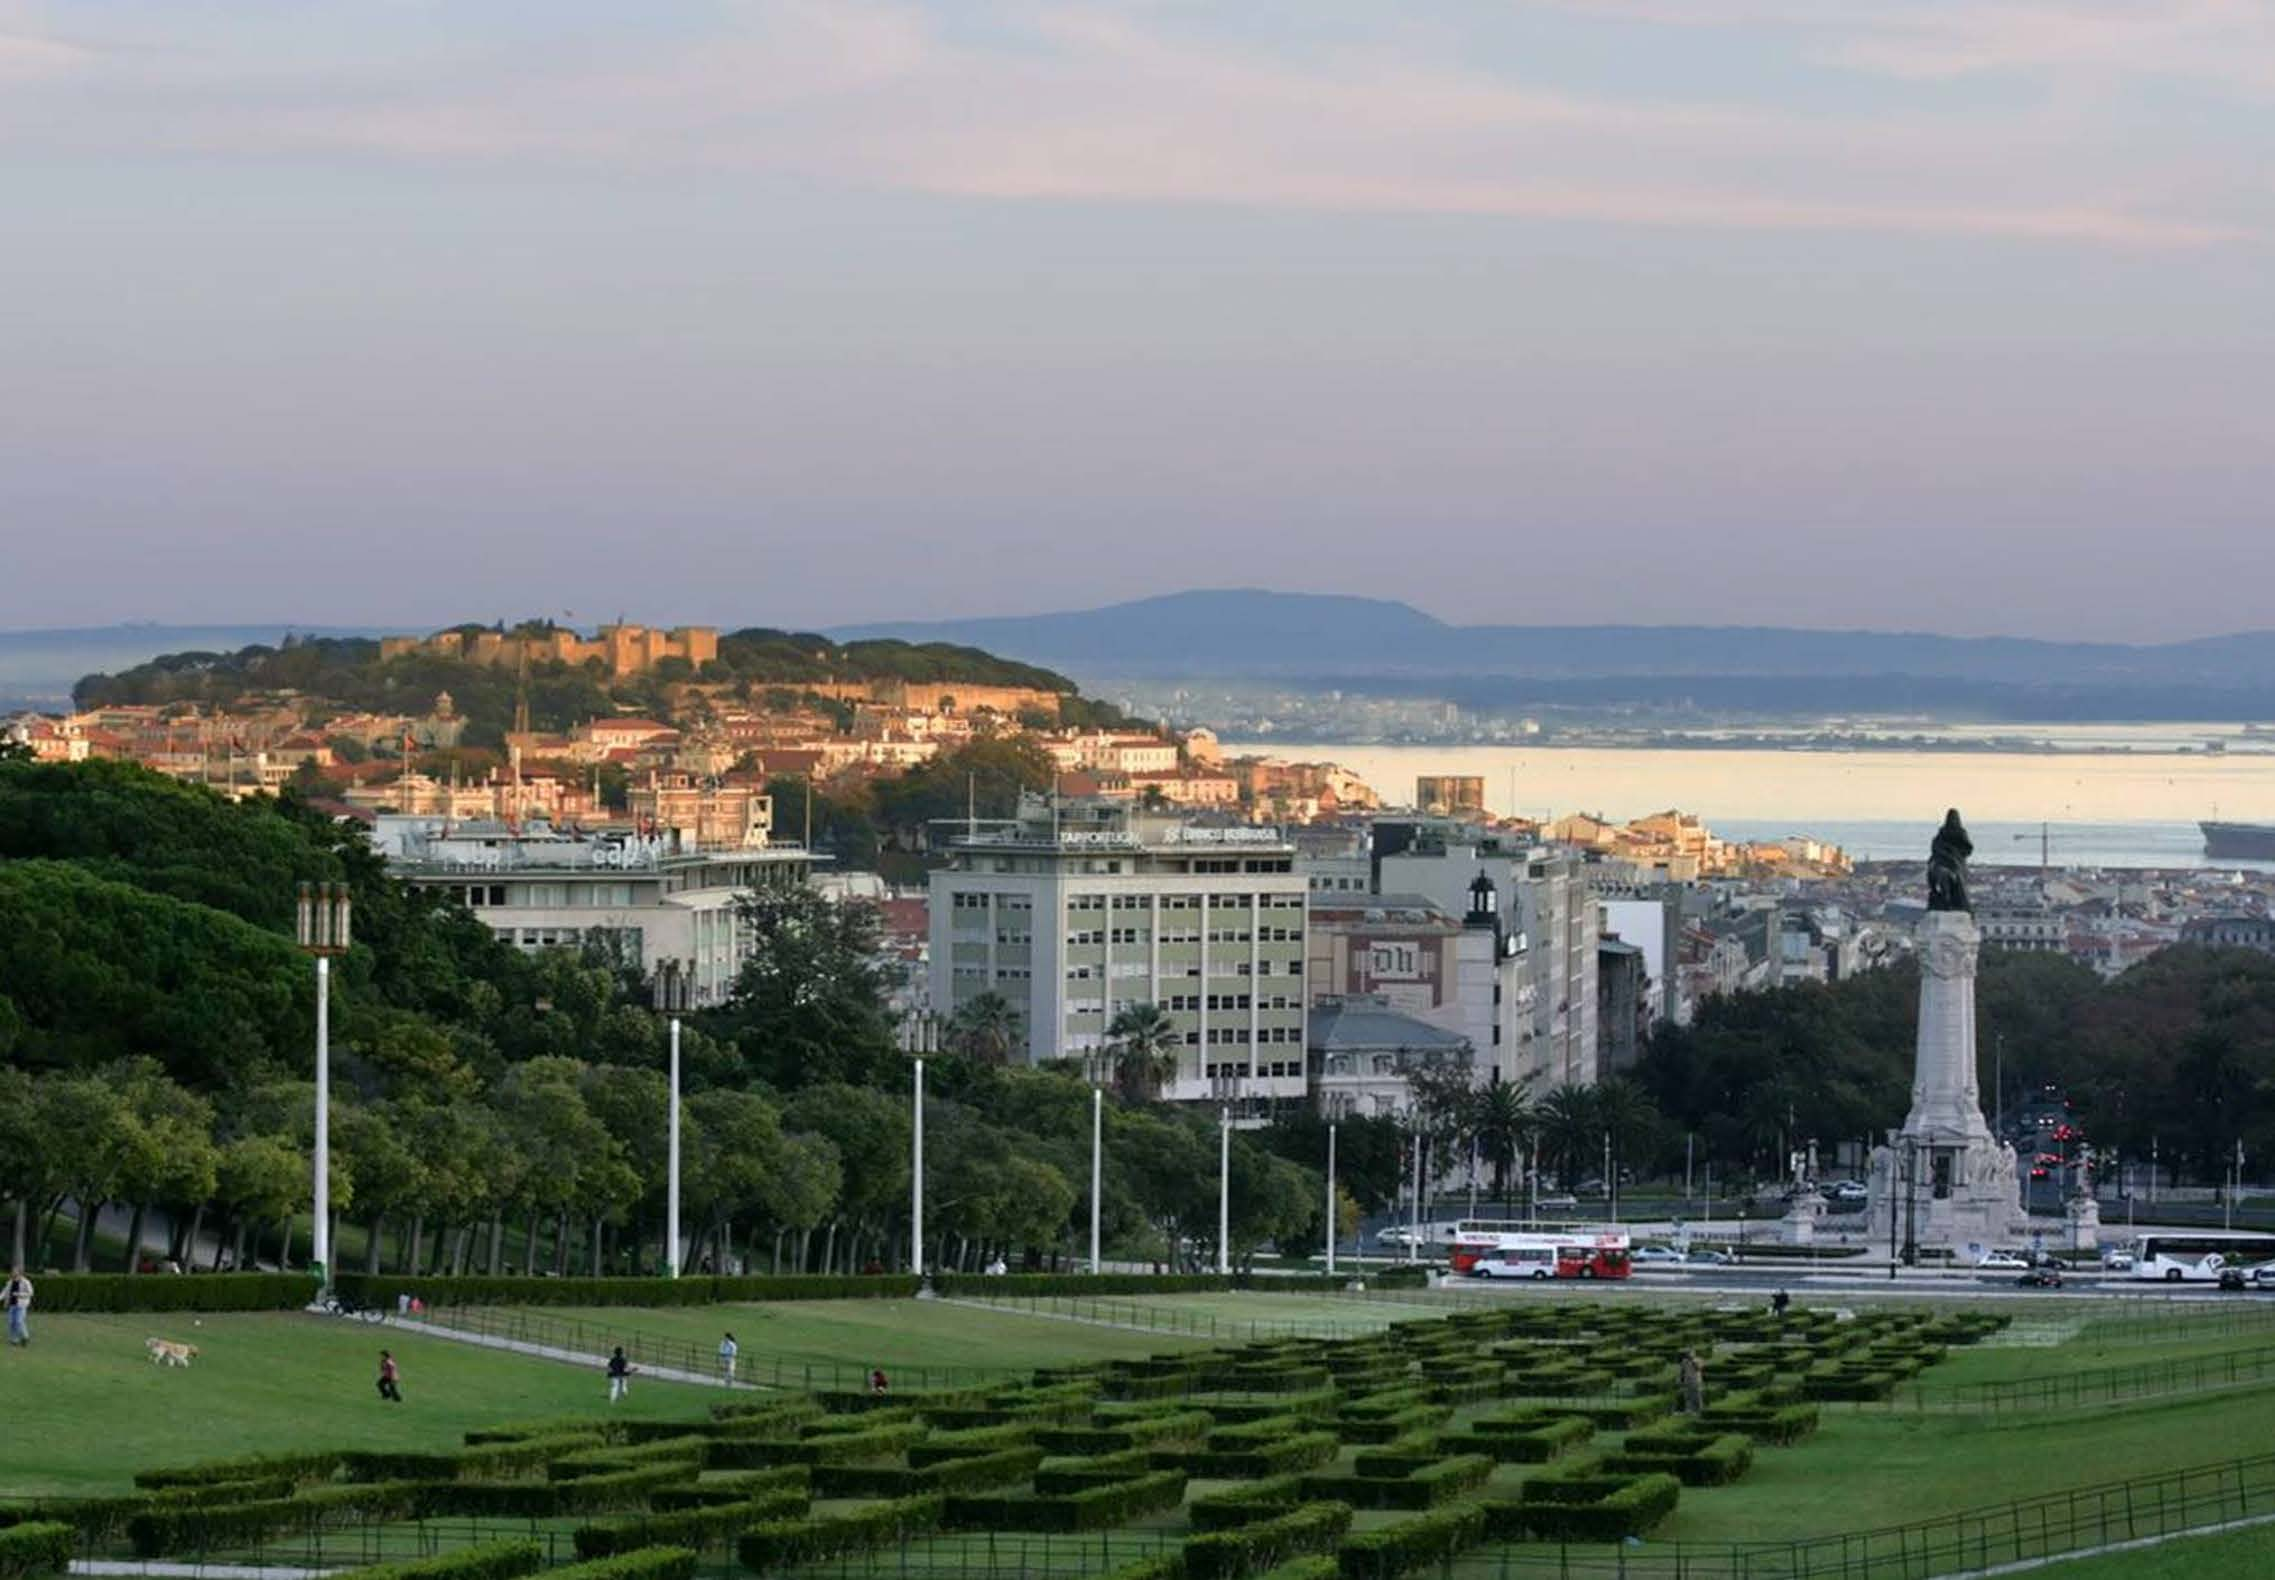 Parque Eduardo VII in Lisbon